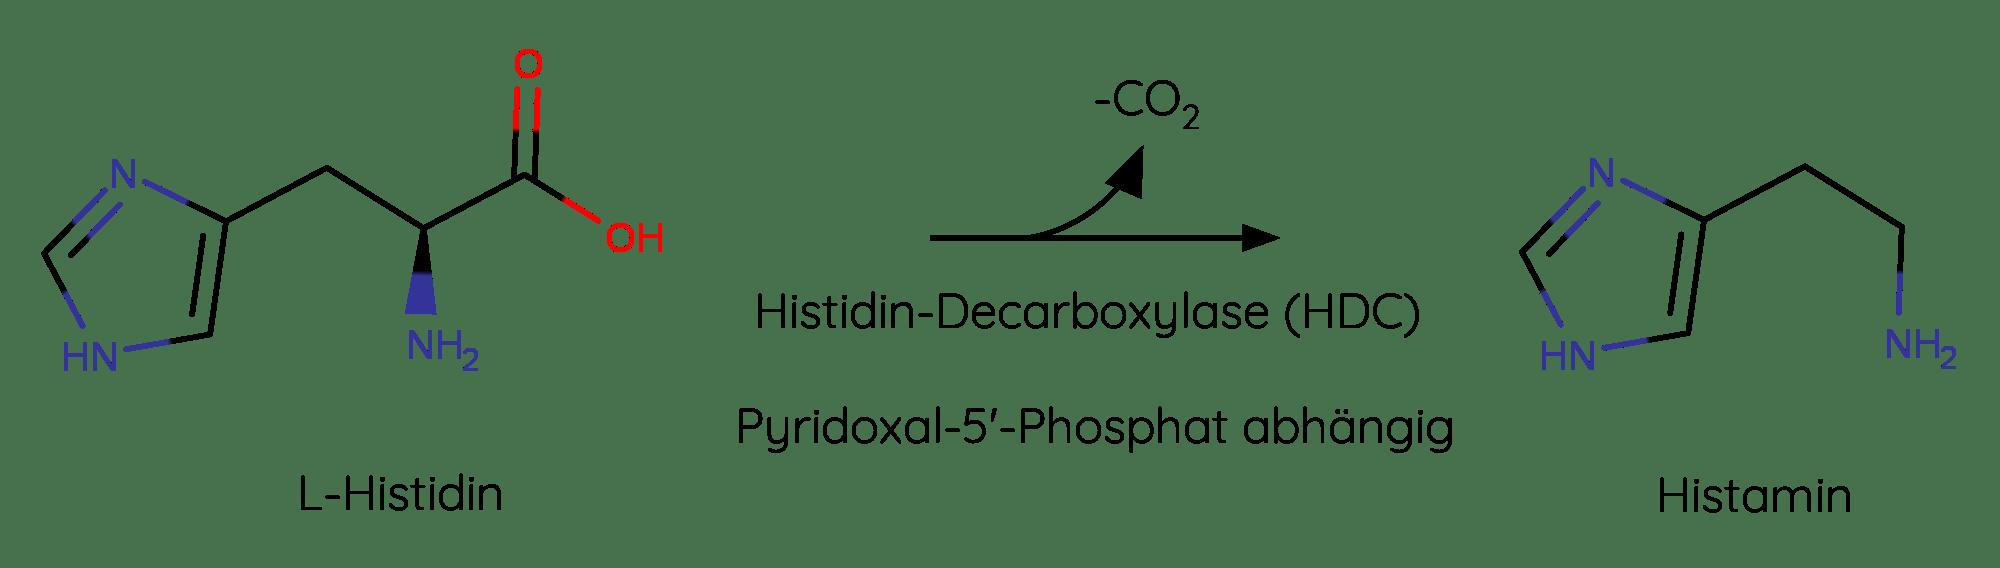 Umwandlung von der Aminosäure zu Histamin über die Pyridoxal-5'-Phosphat abhängige Histidindecarboxylase